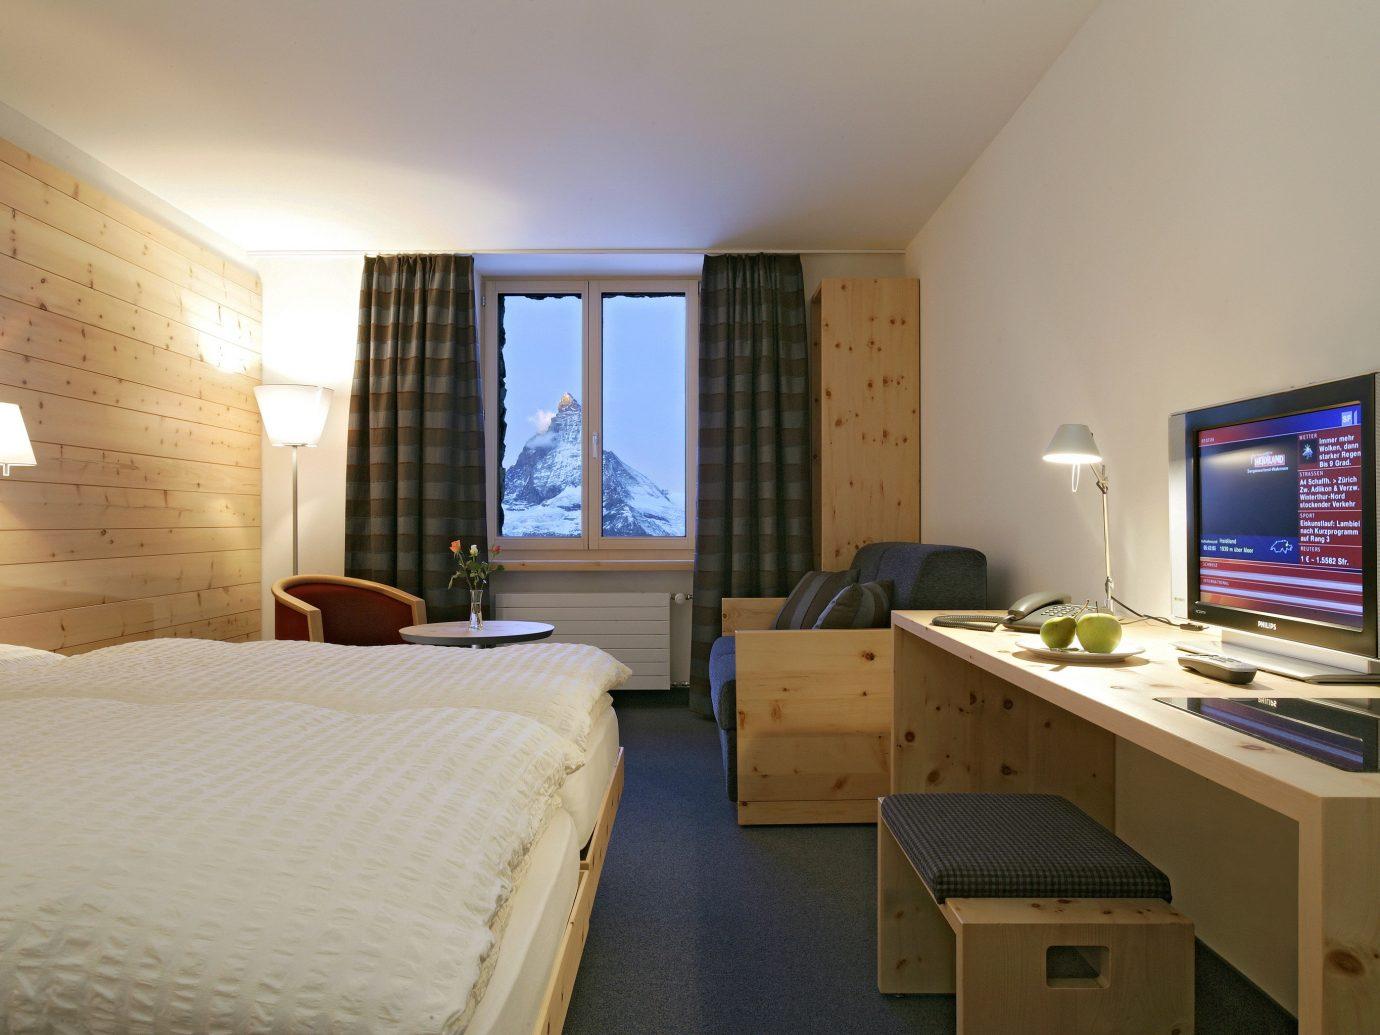 Hotels Offbeat indoor wall bed room floor Bedroom desk window ceiling Suite interior design real estate hotel dormitory